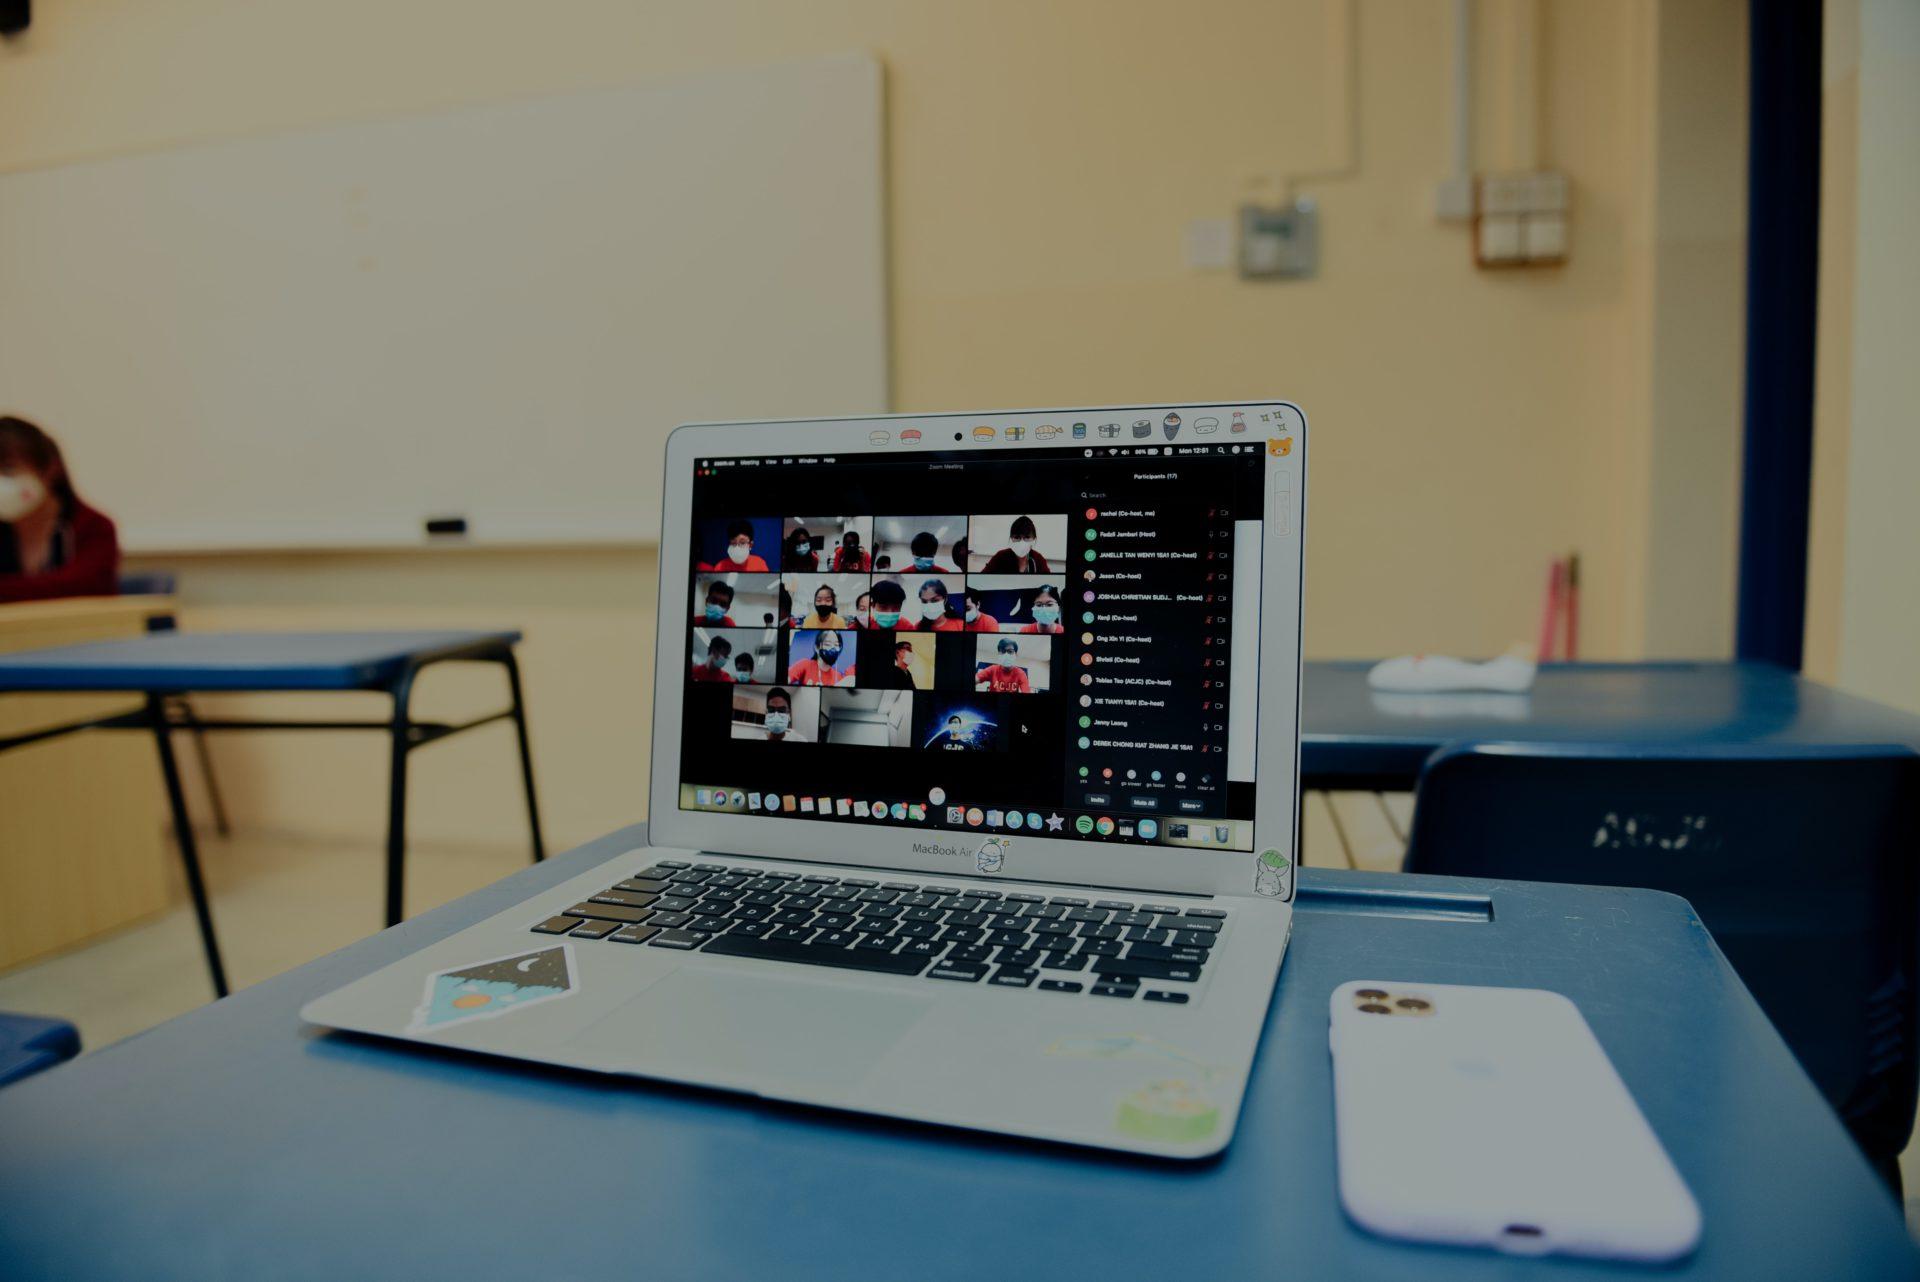 School computer